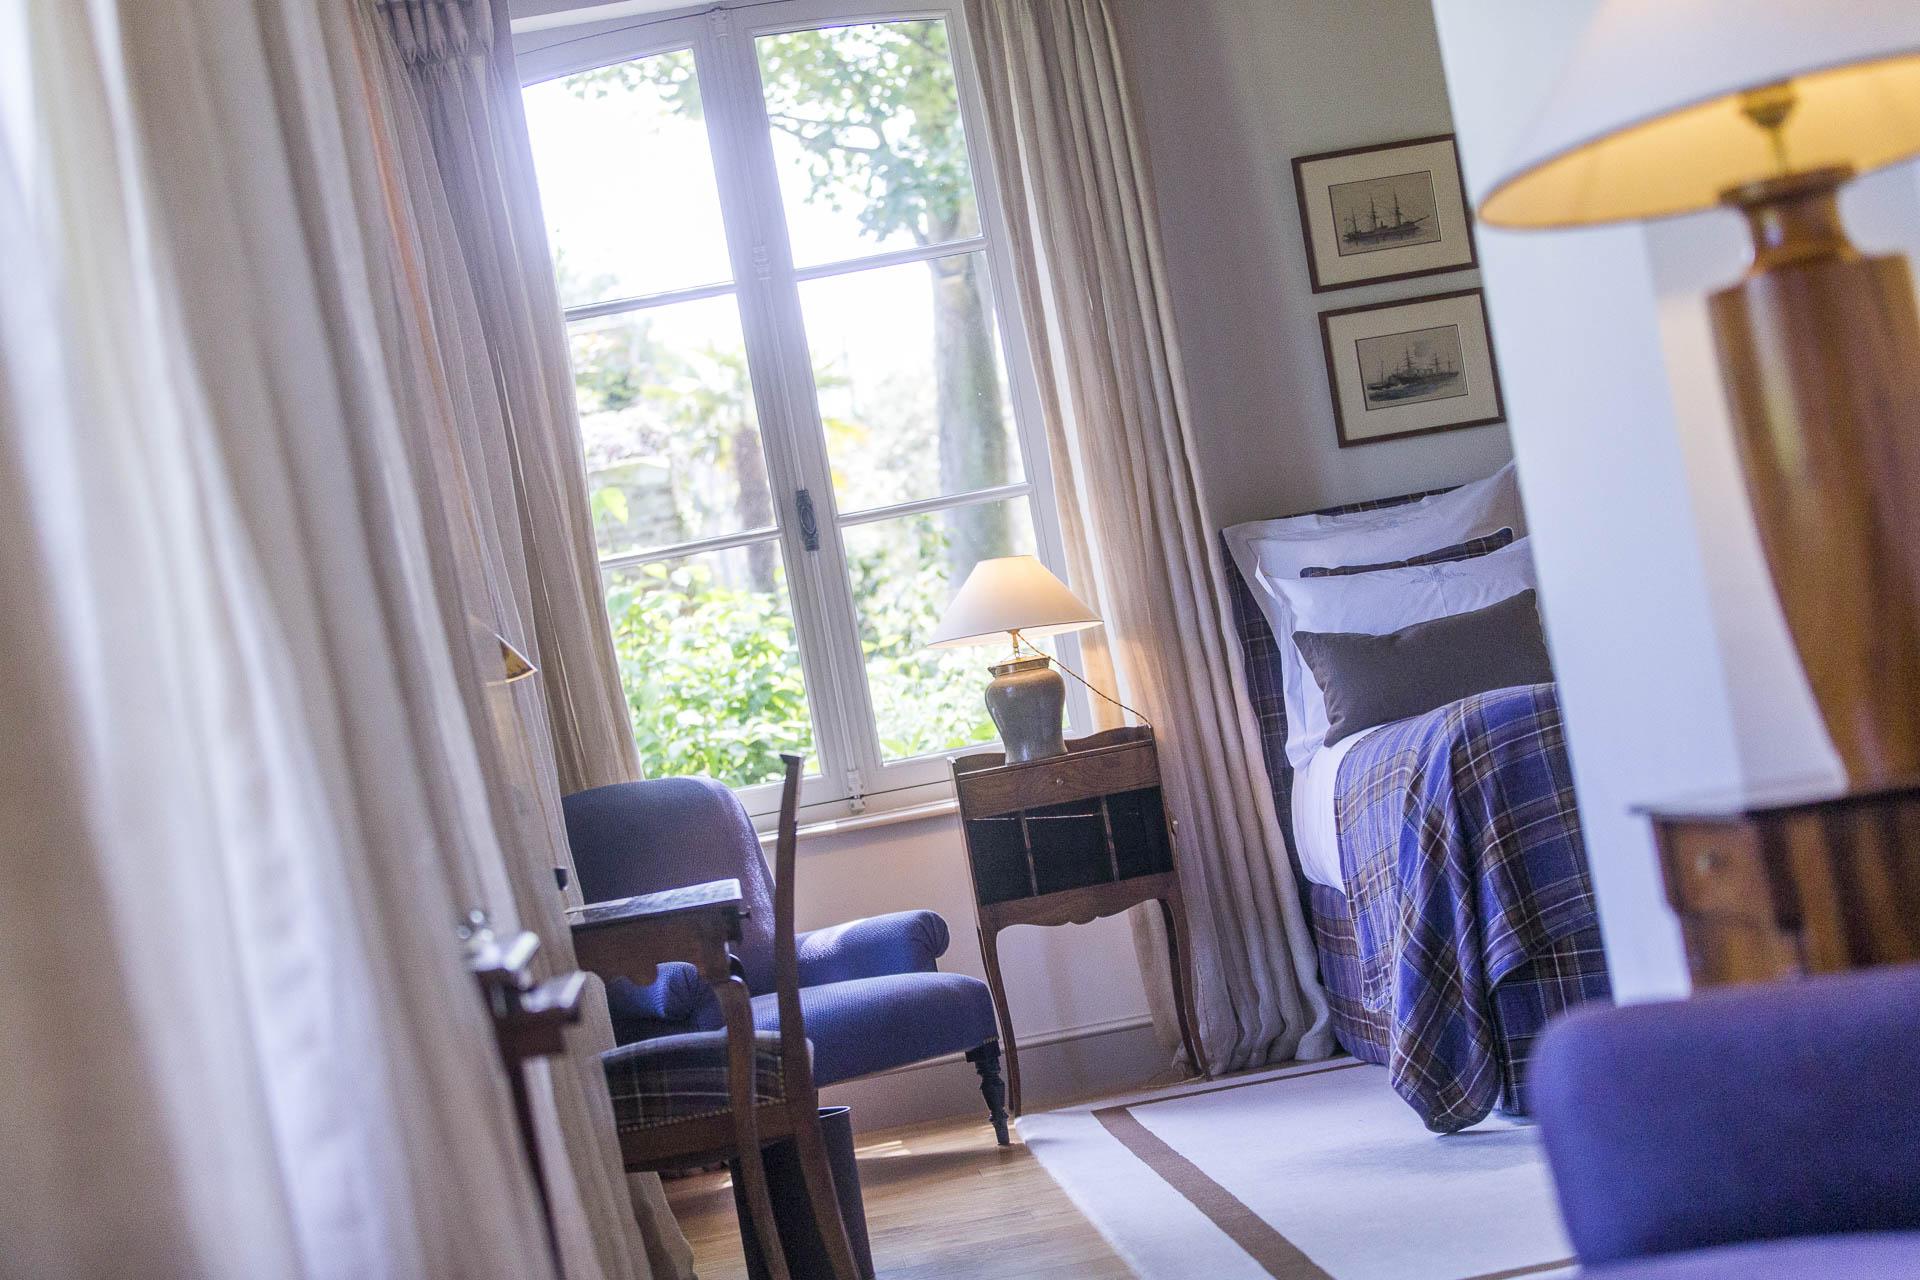 interior_life_design©stephaneleroy-E61R3274.jpg